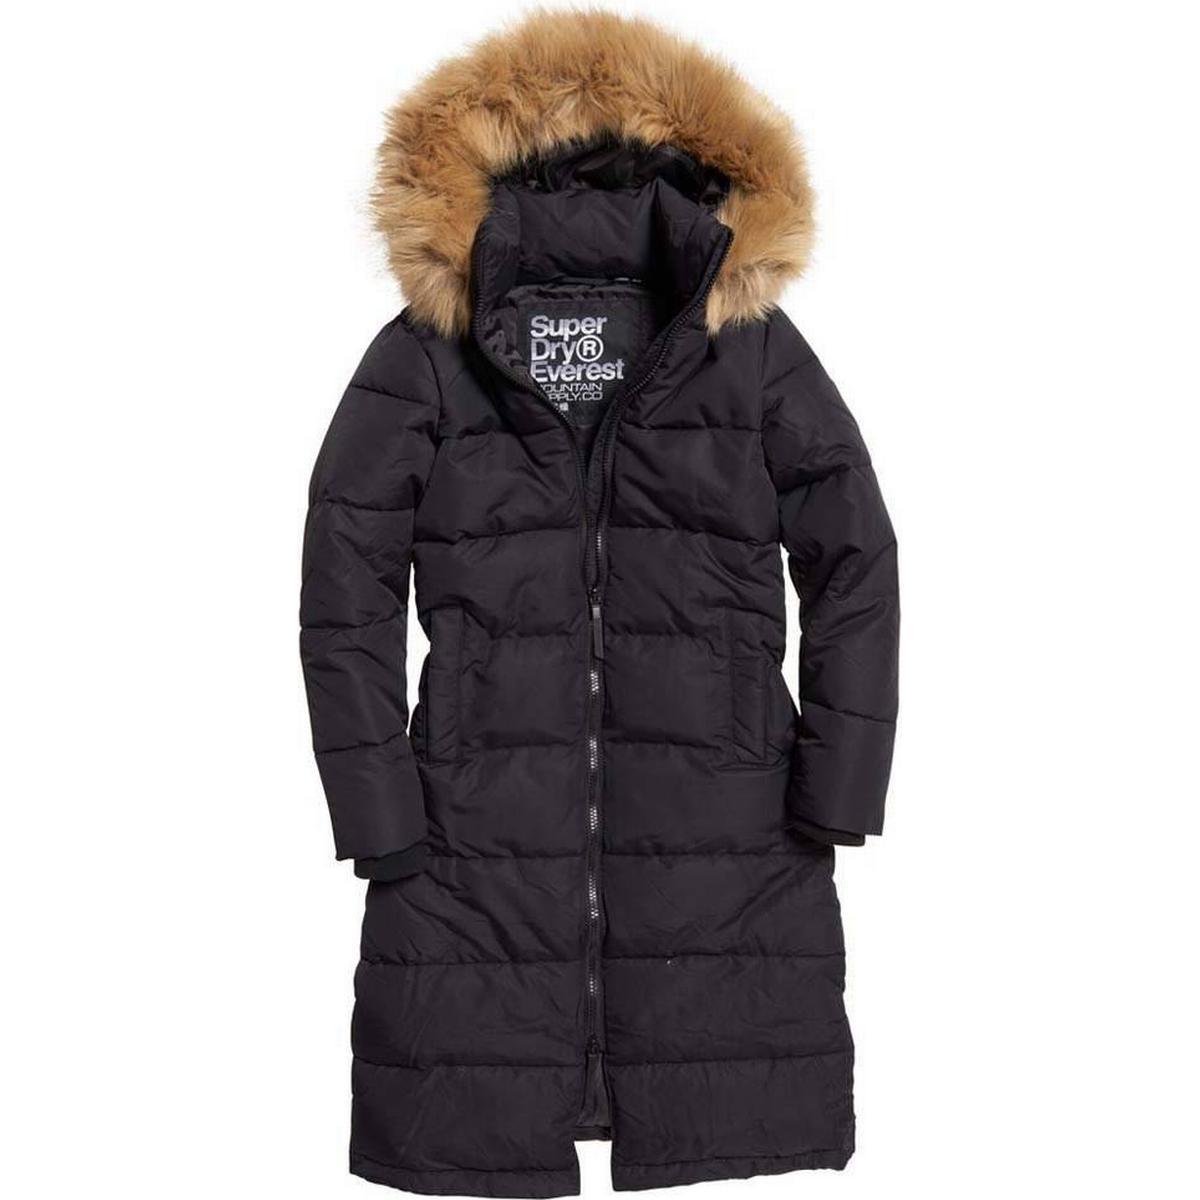 Superdry jakke dametøj • Find den billigste pris hos